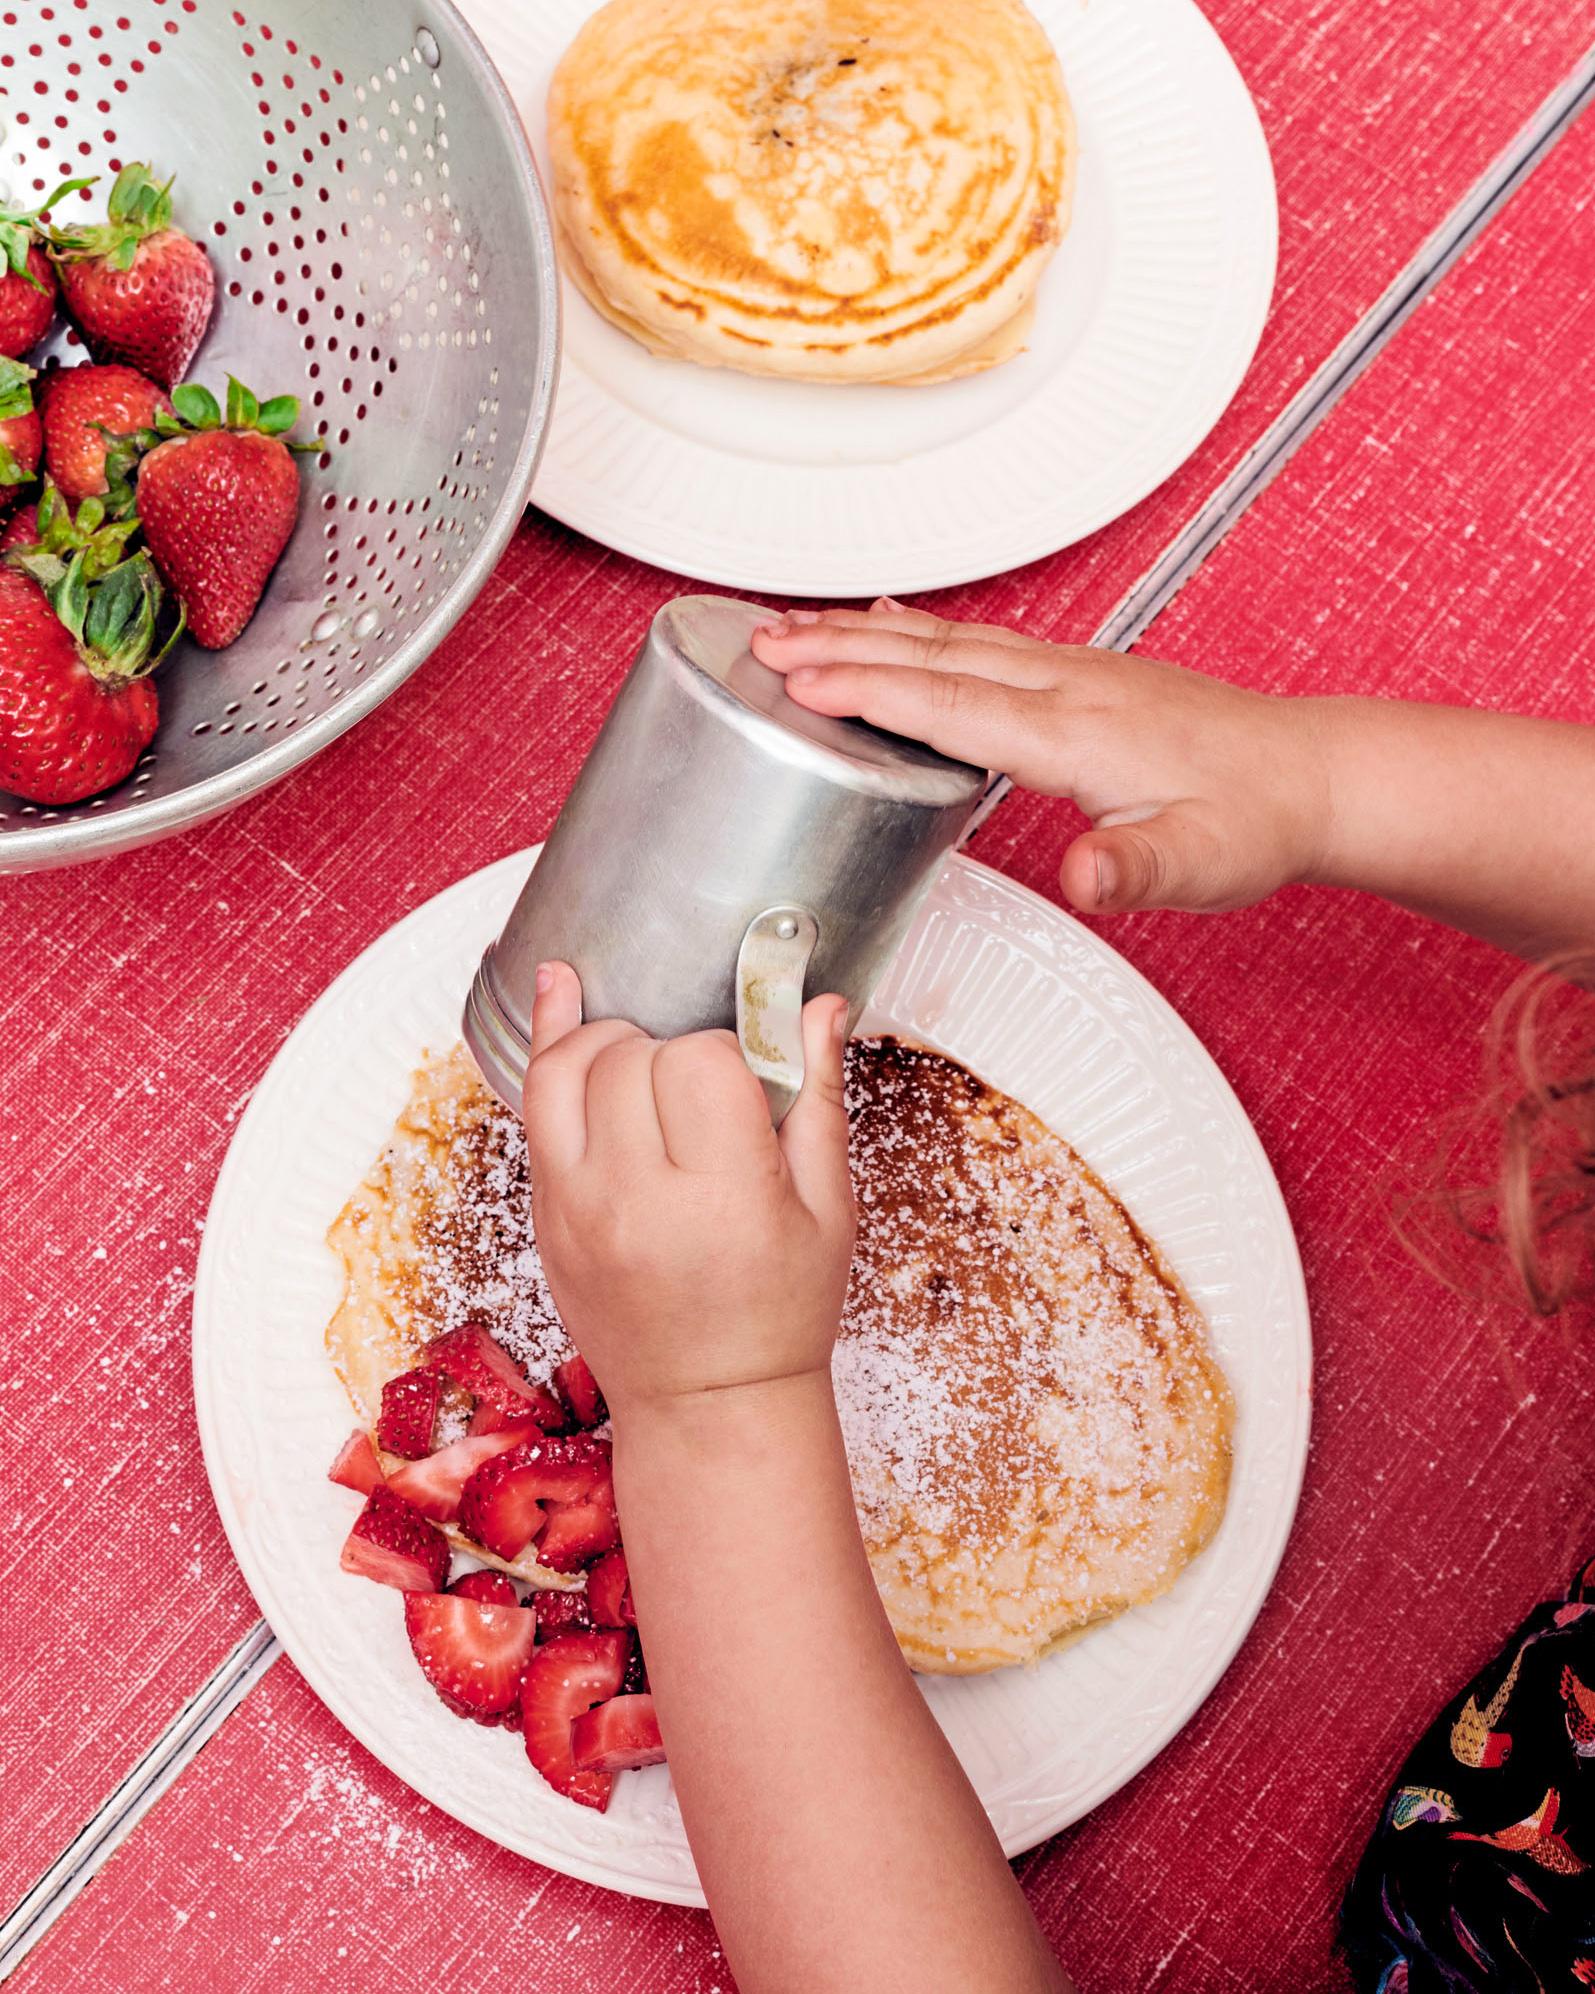 sprinkling sugar on chocolate hazelnut pancakes